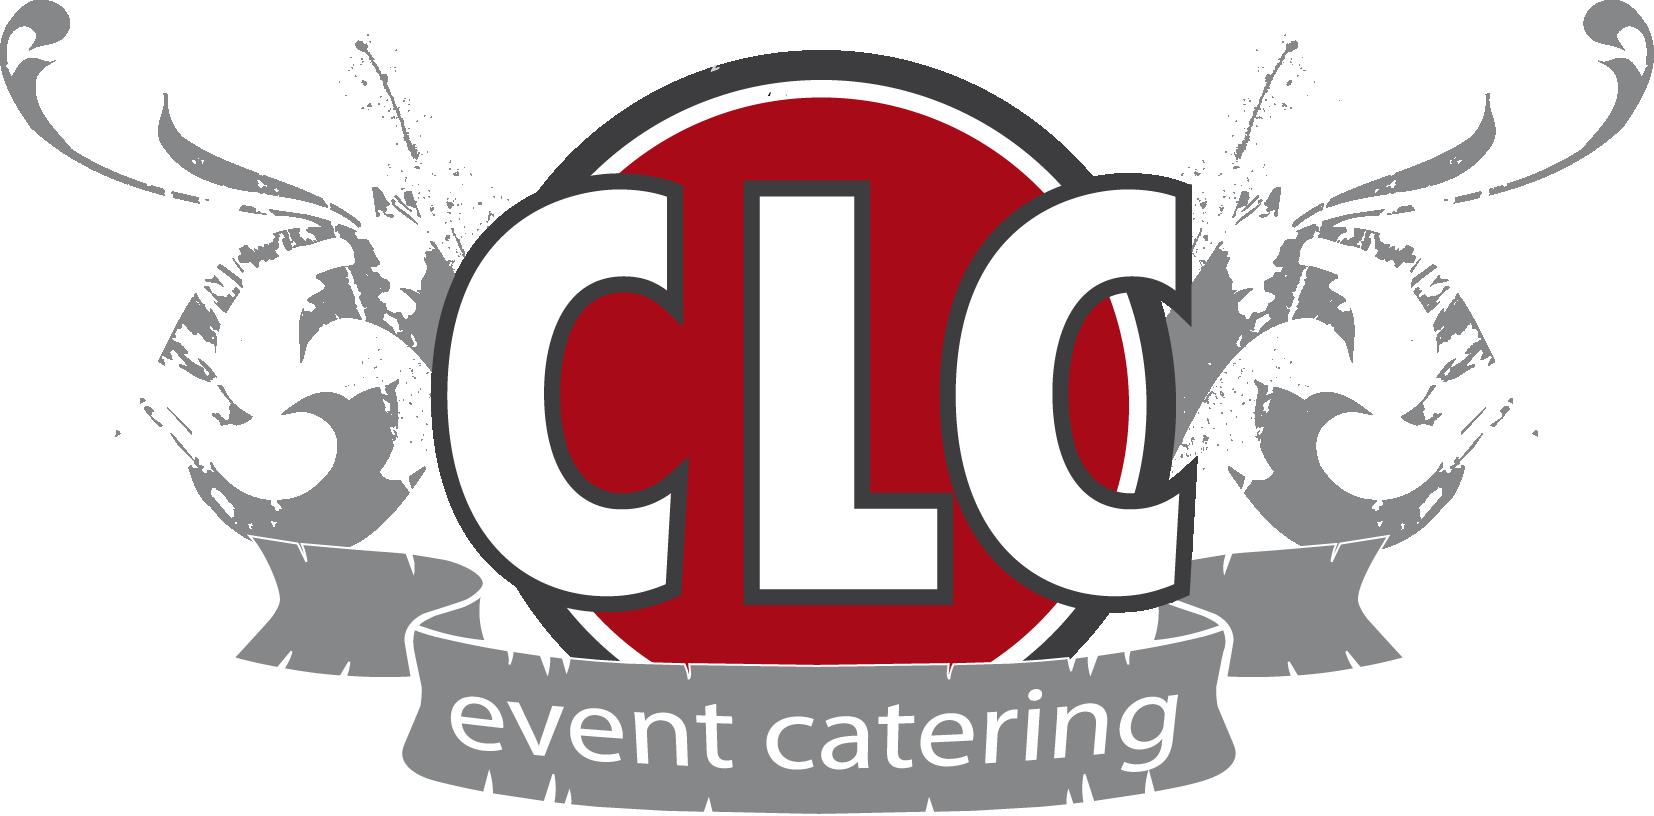 CLC Events